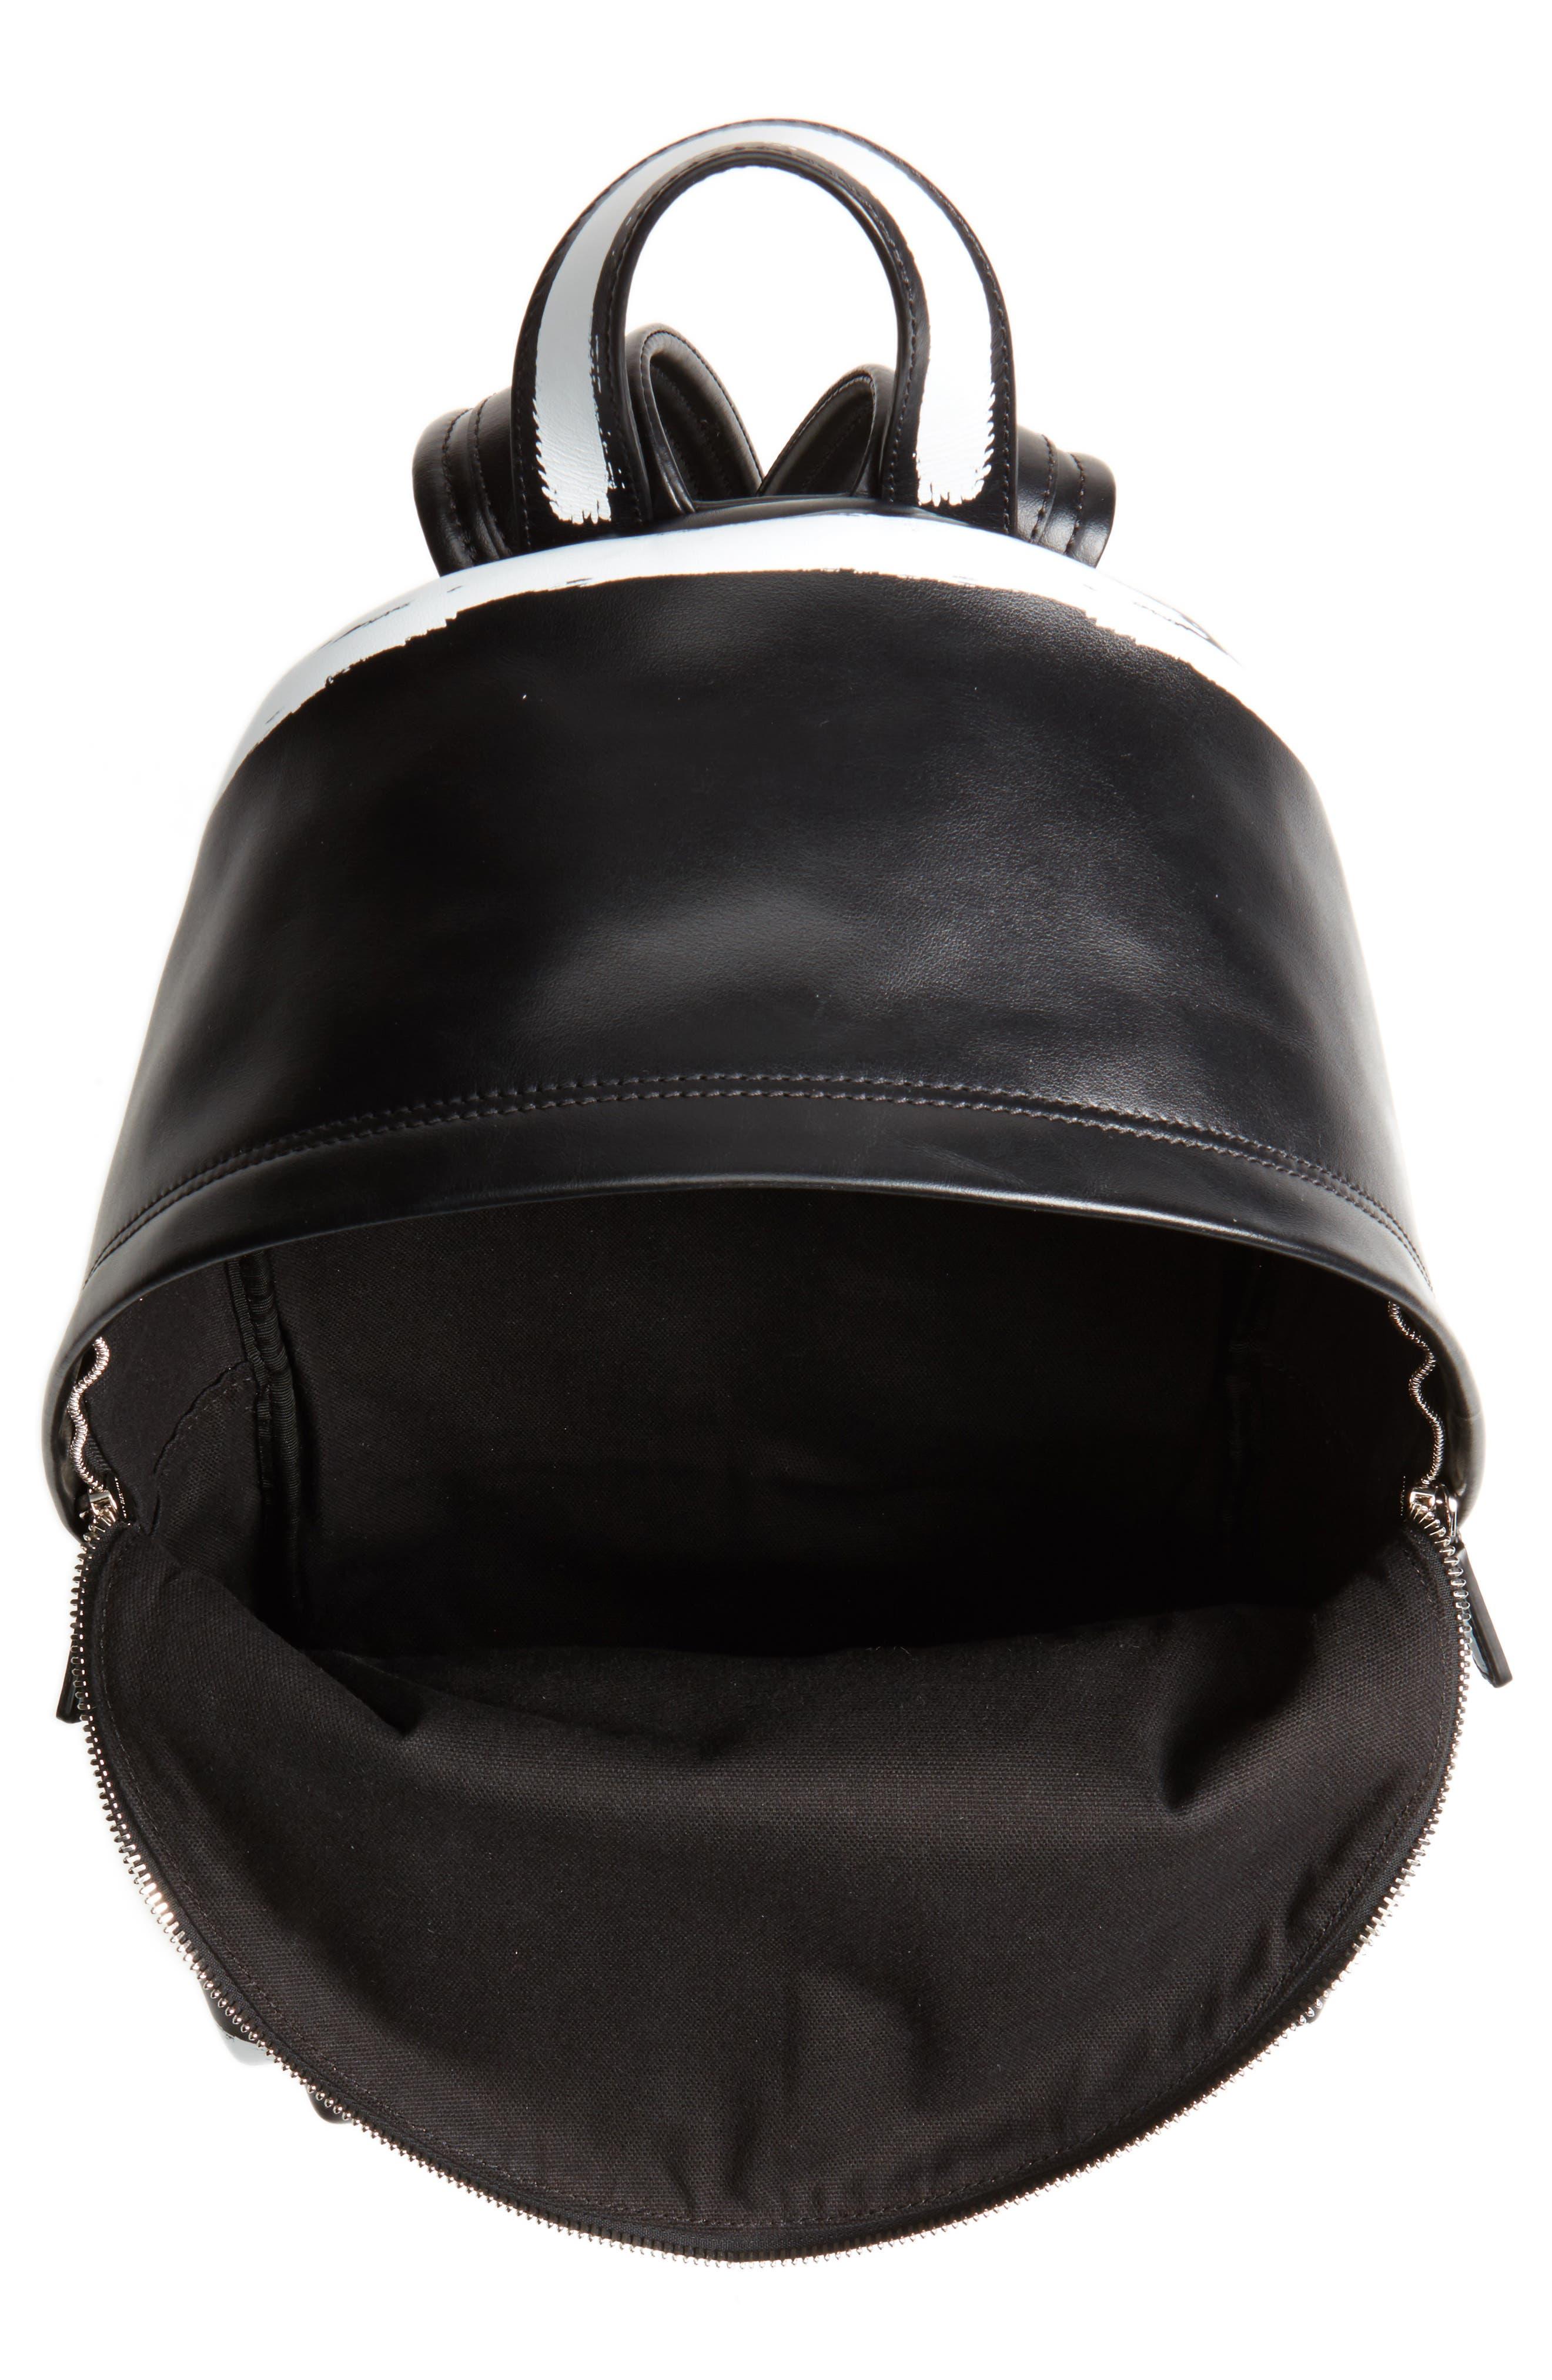 Graffiti Calfskin Leather Backpack,                             Alternate thumbnail 4, color,                             BLACK/ WHITE